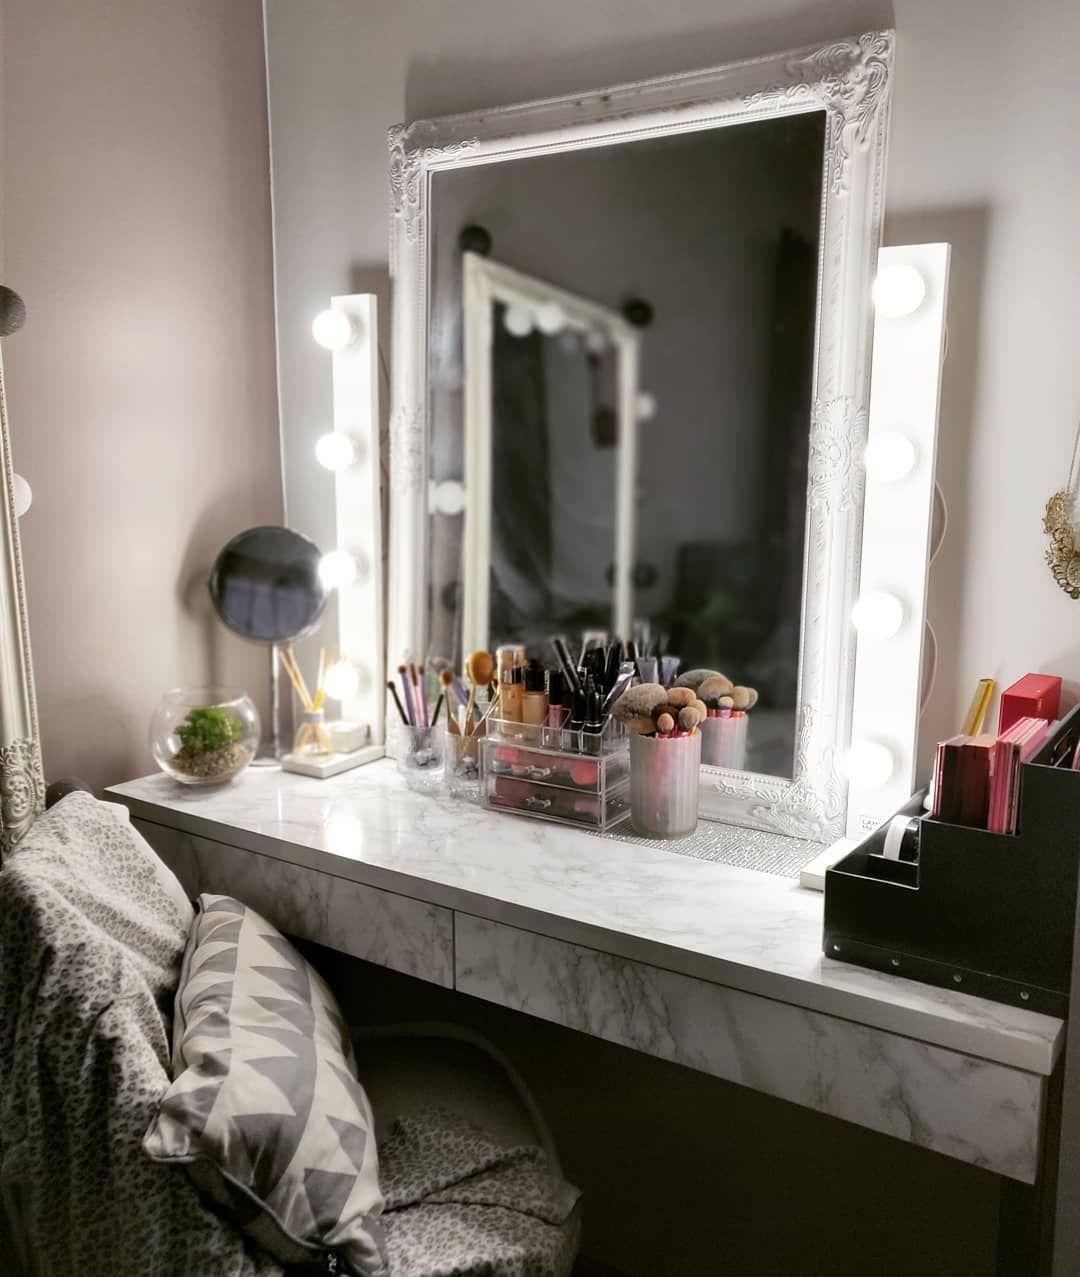 Best Lamp For Makeup Electric Light Up Makeup Mirror Led Makeup Light Ring Small Makeup Vanities Modern Makeup Vanity Led Makeup Light